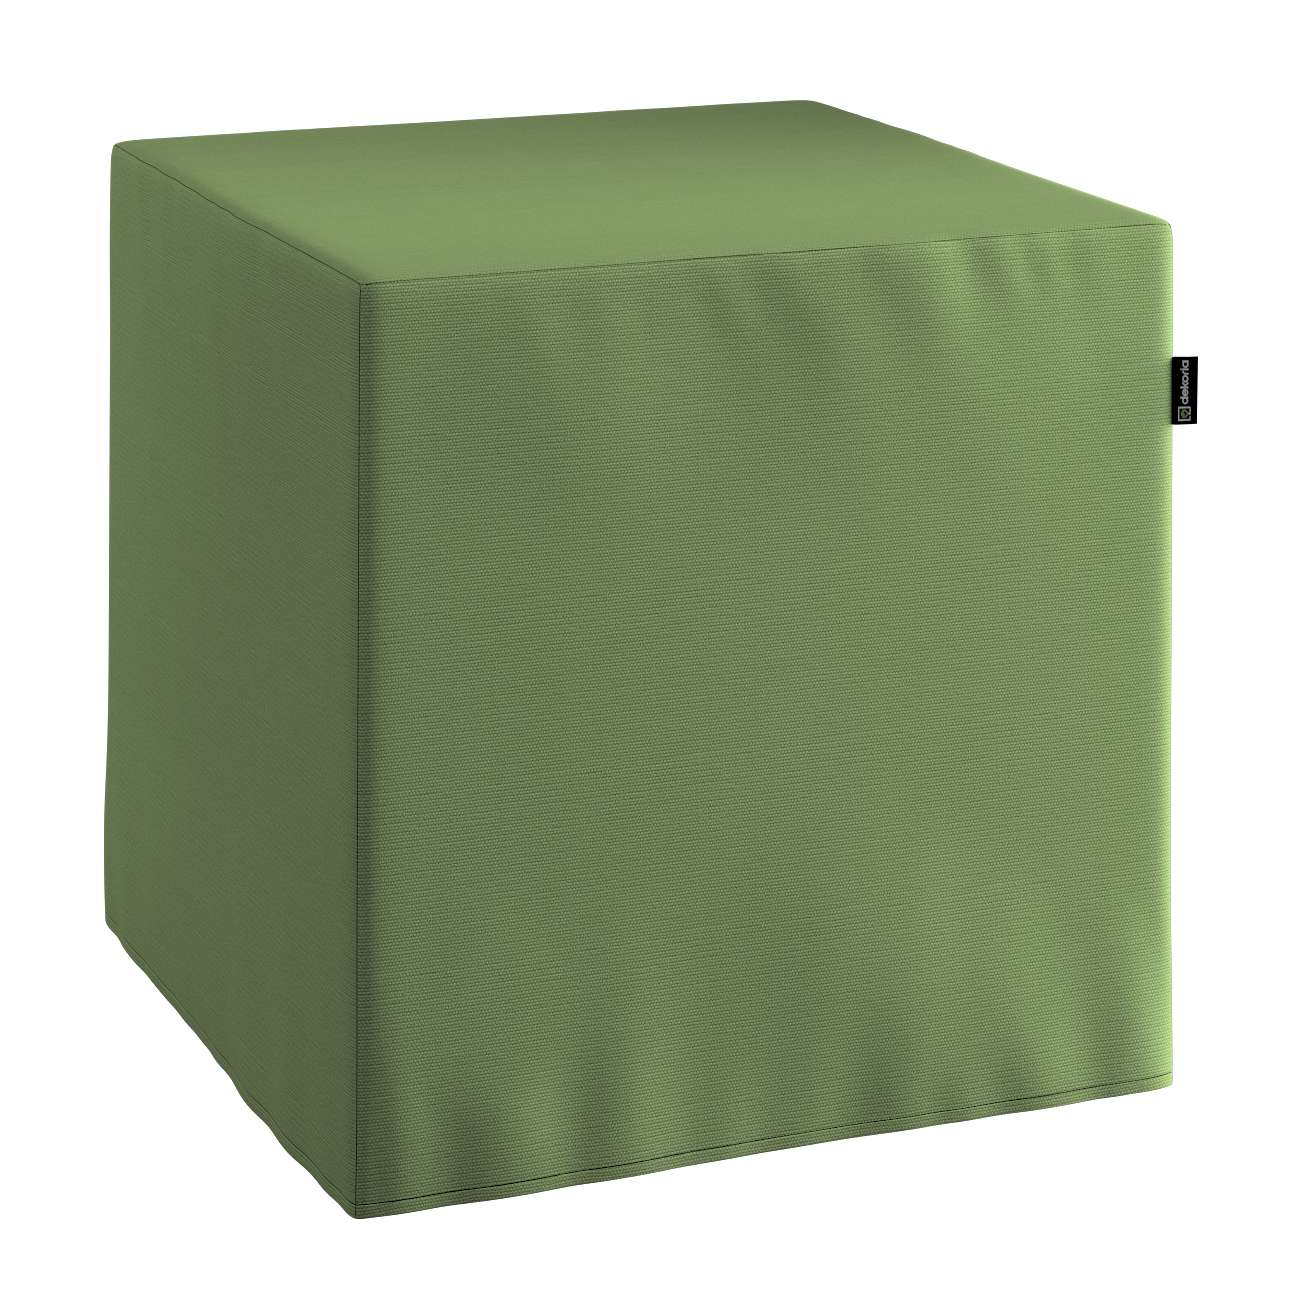 Harter Sitzwürfel 40 x 40 x 40 cm von der Kollektion Cotton Panama, Stoff: 702-06